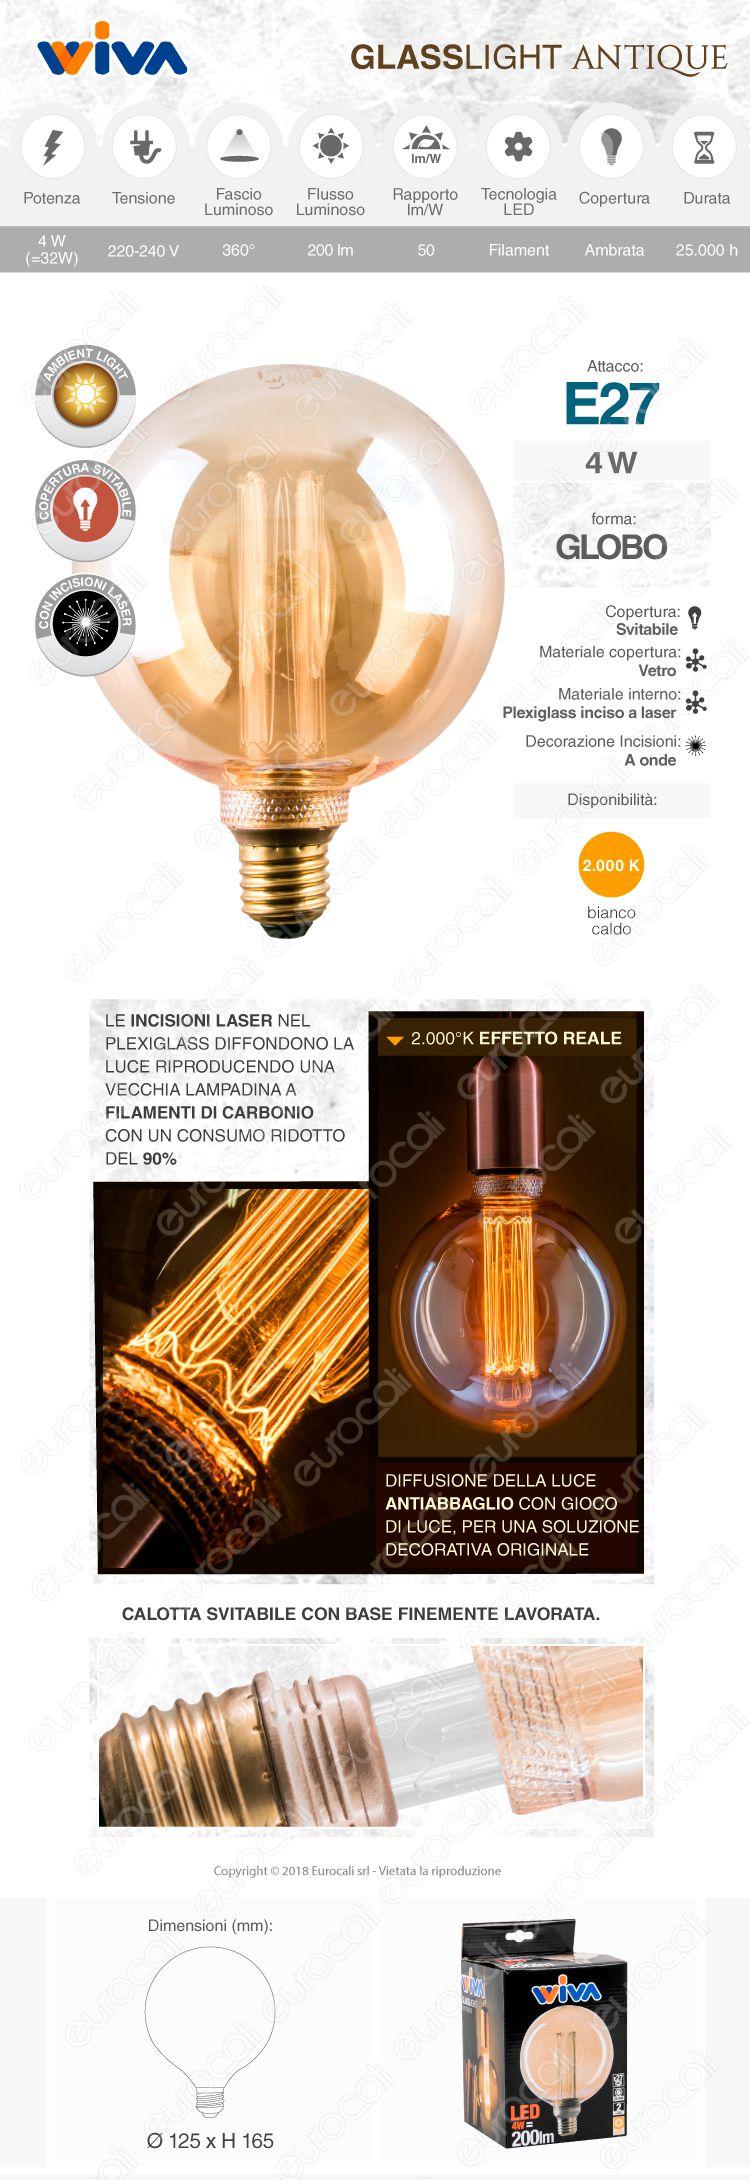 Wiva GlassLight Lampadina LED E27 4W Globo G125 Ambrata con Incisioni Laser